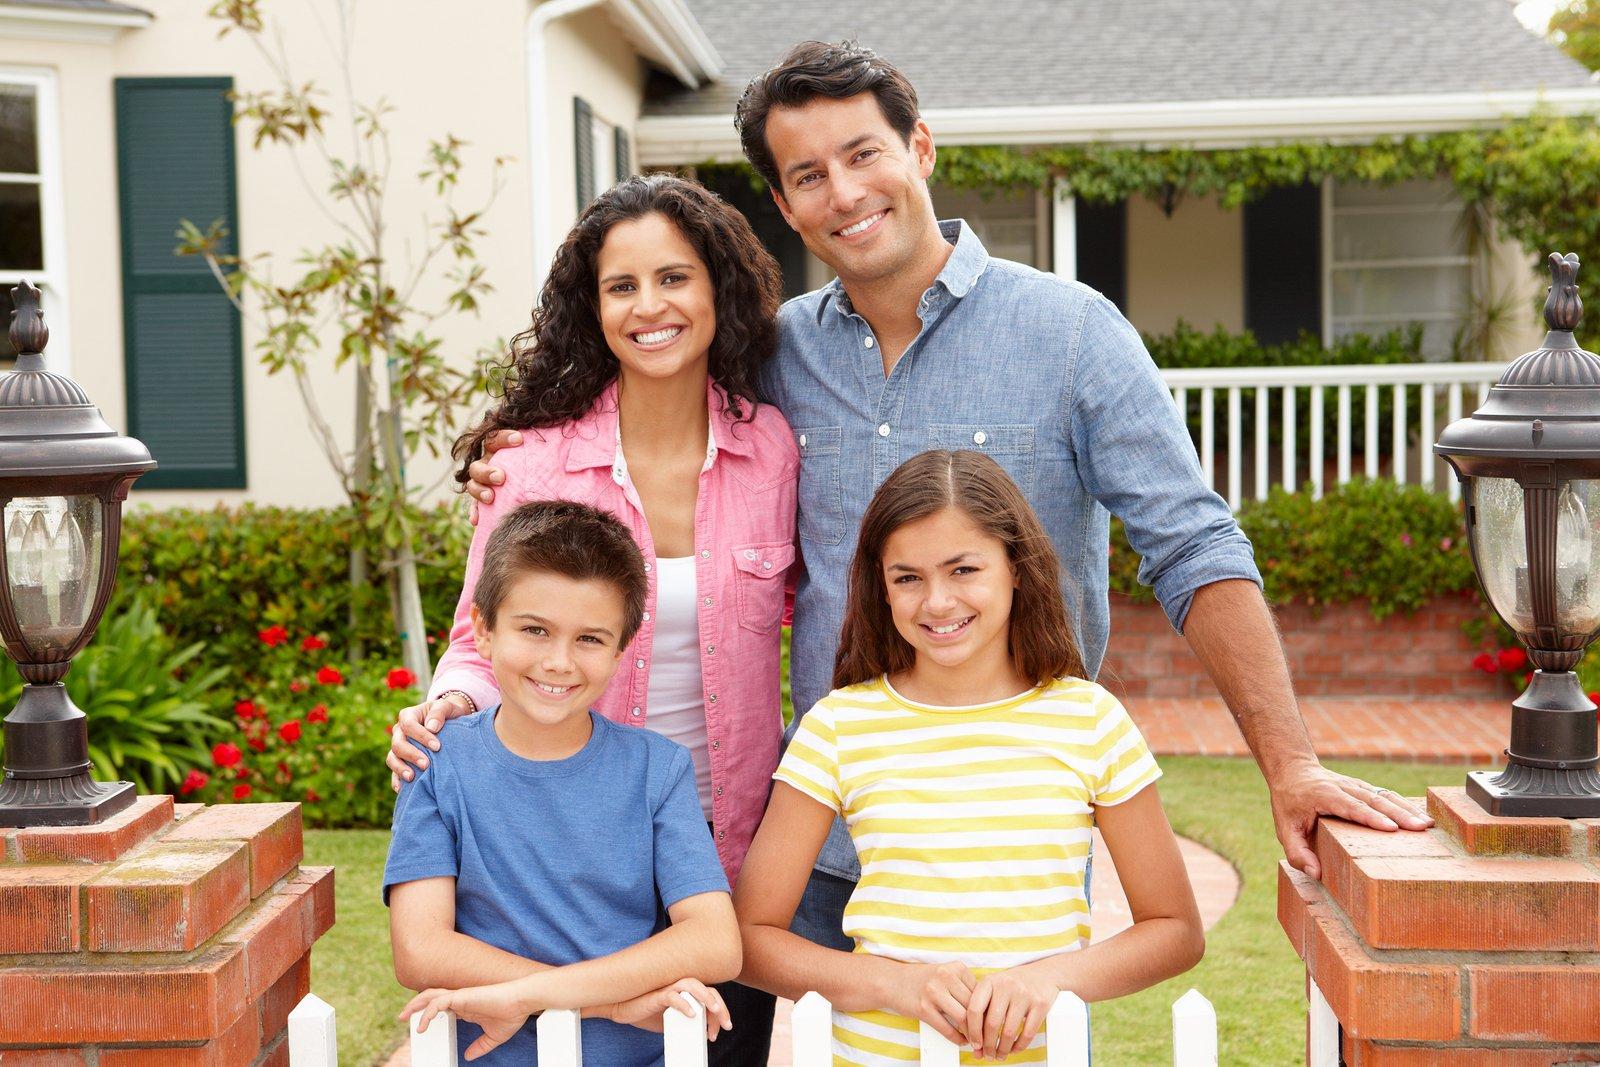 картинки счастливой семьи с двумя детьми на фоне дома хорошая, так что